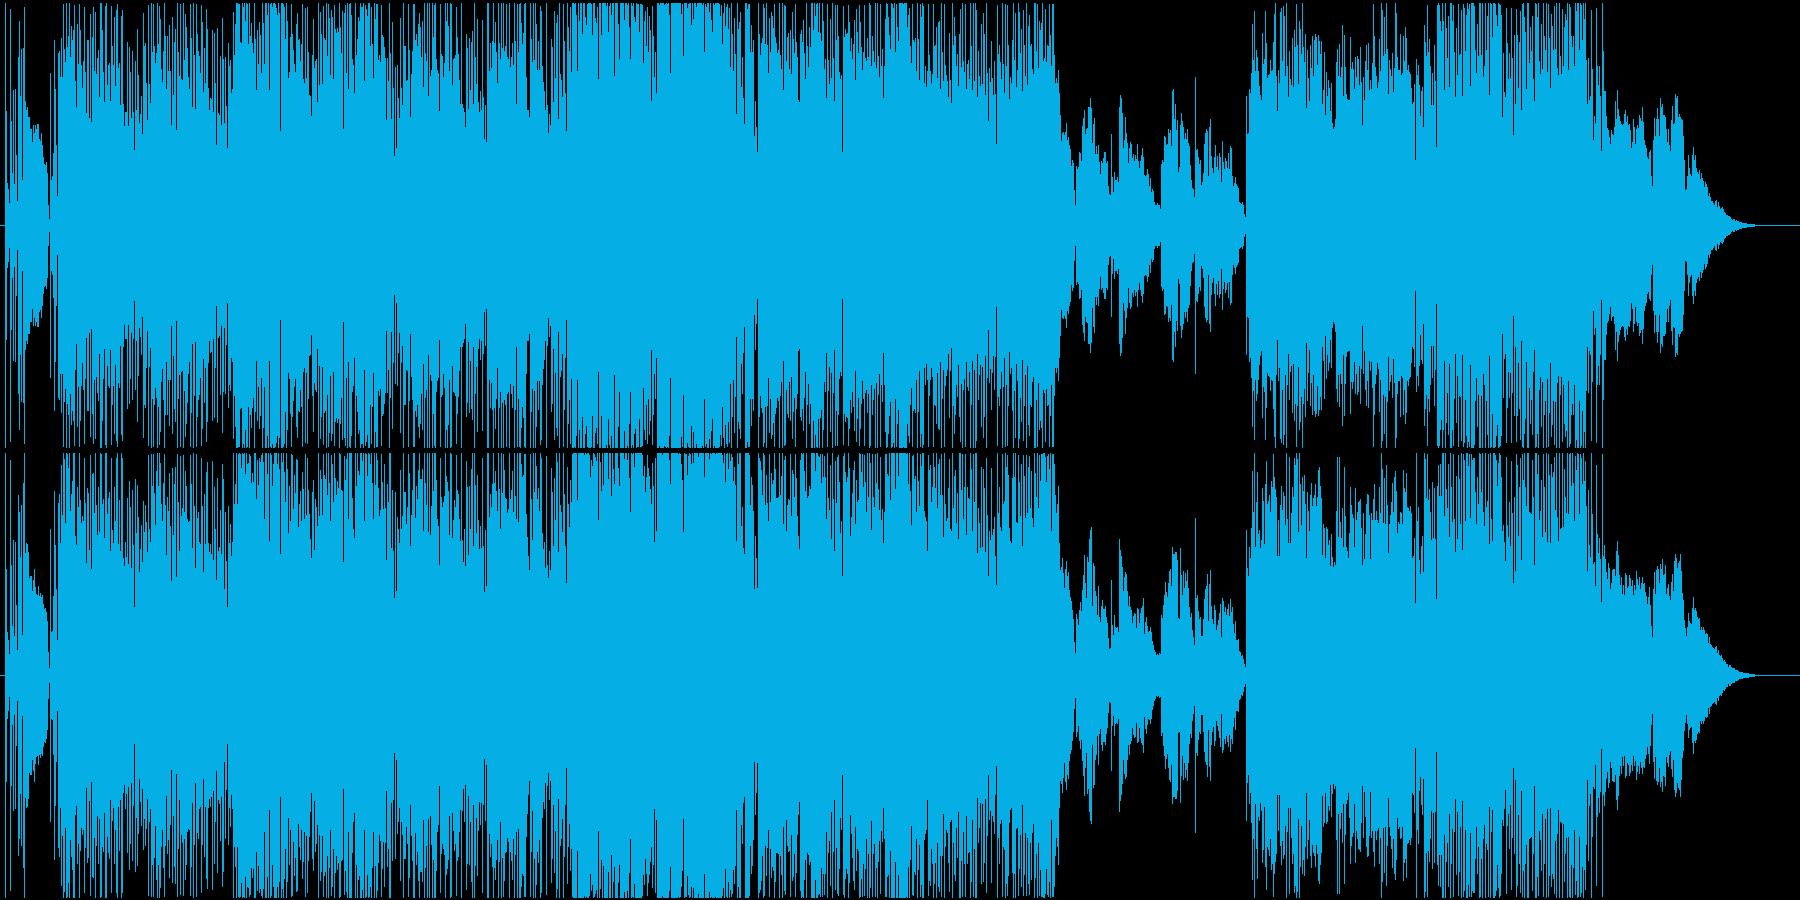 ブリティッシュ要素の女性ボーカル英語詞の再生済みの波形